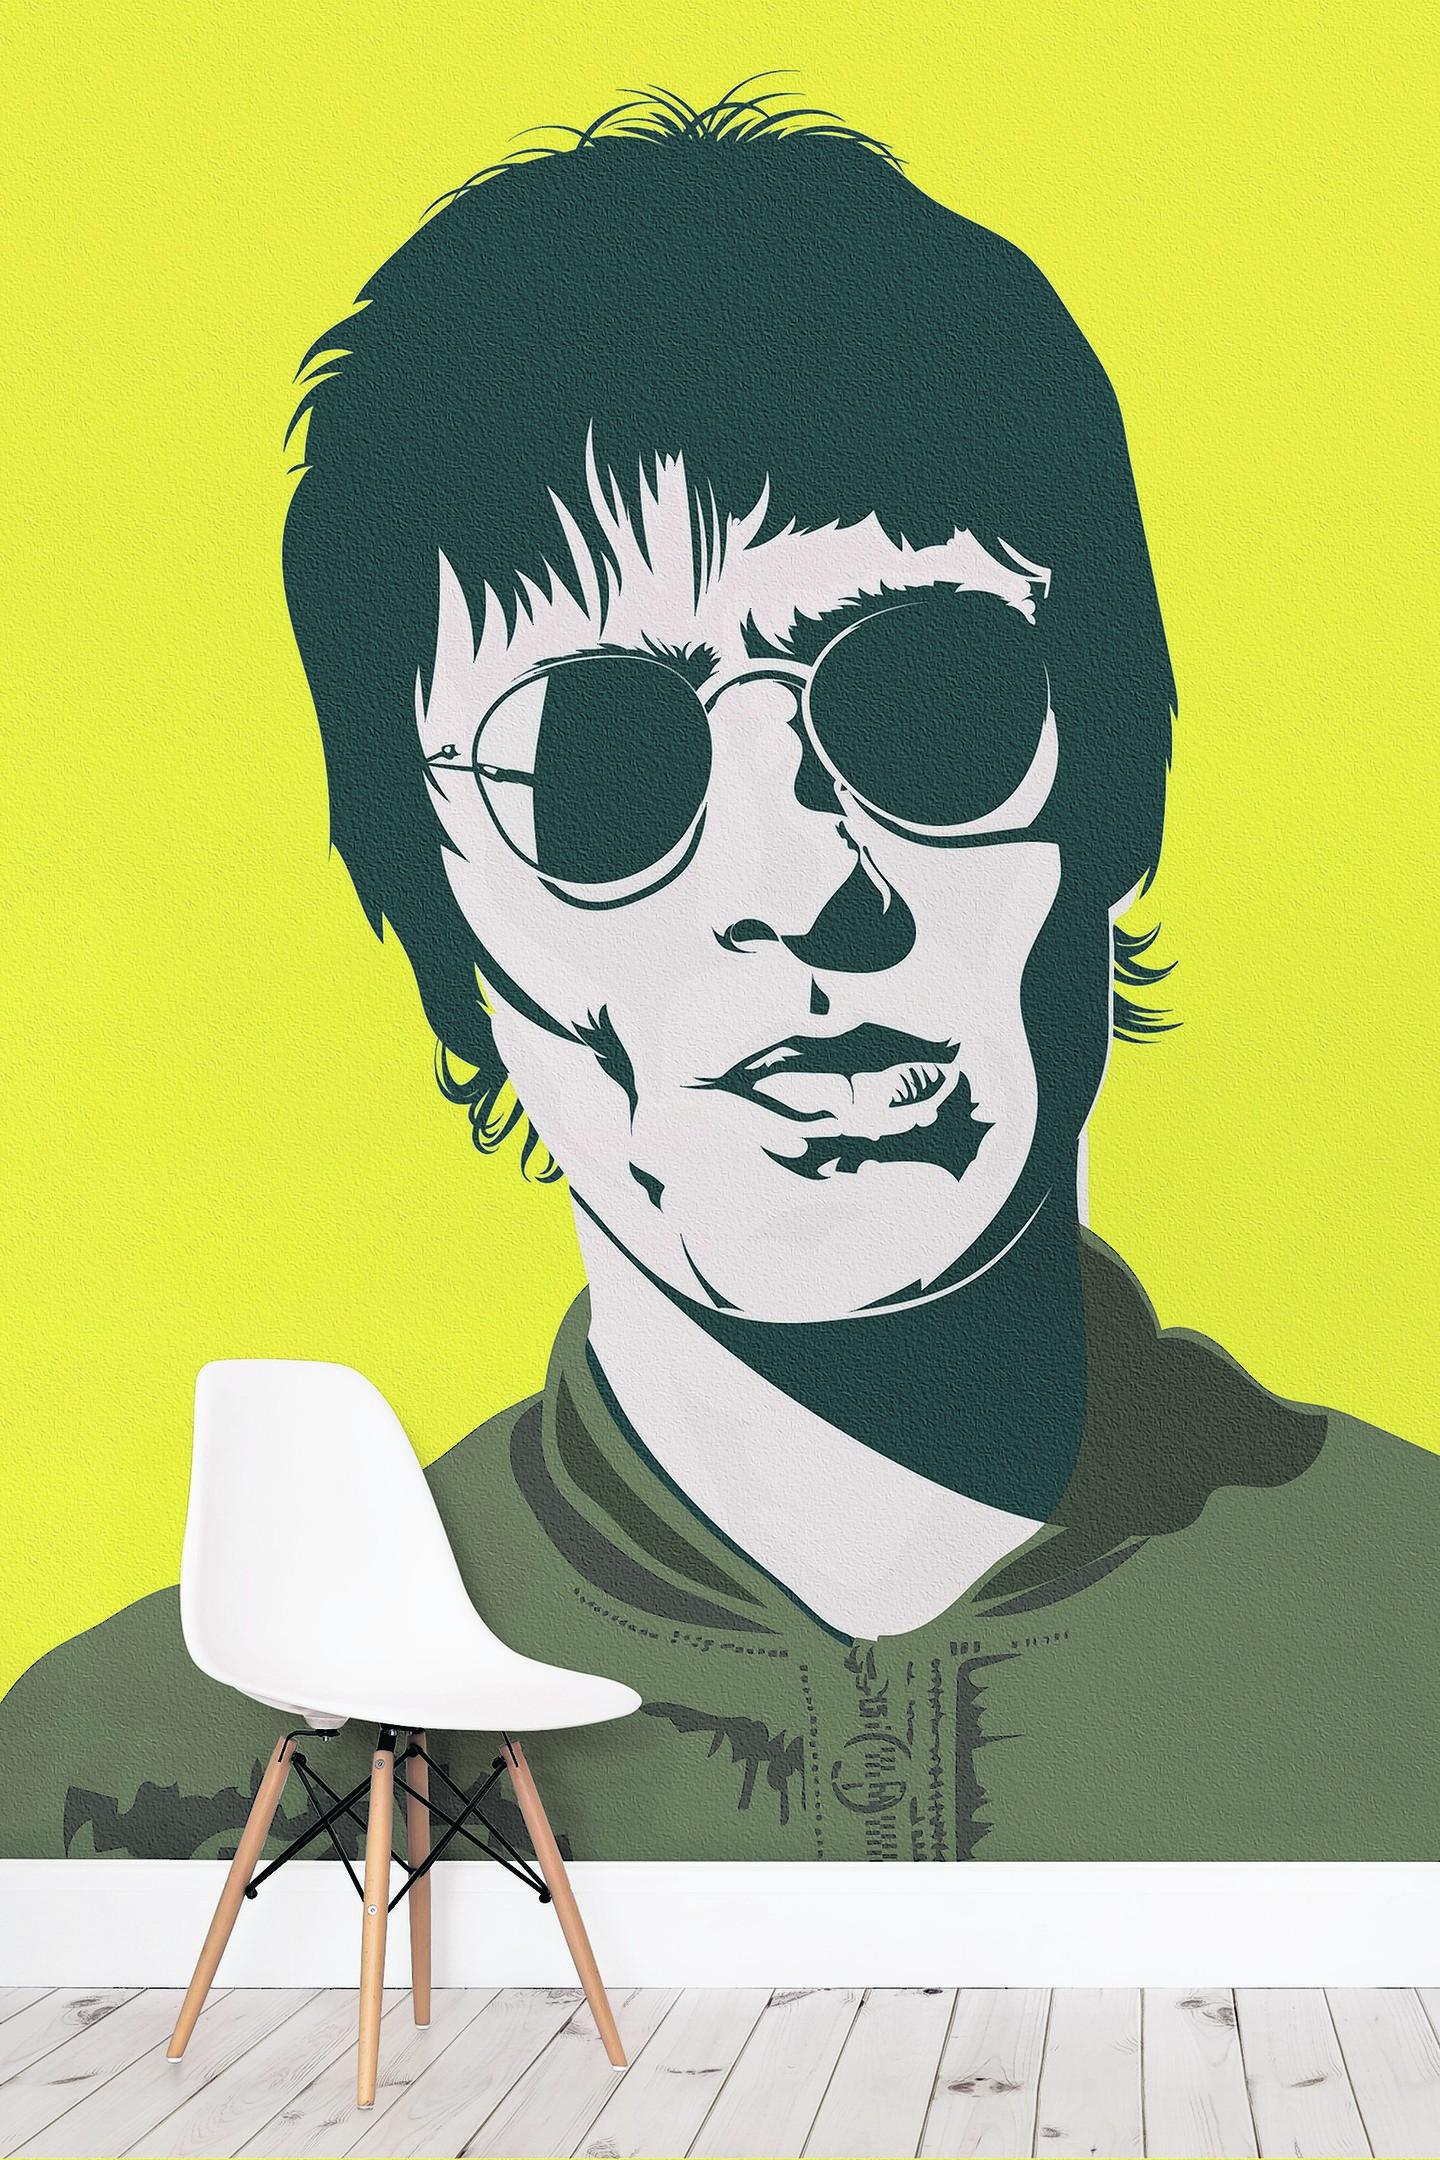 yh-wall-Gallagher